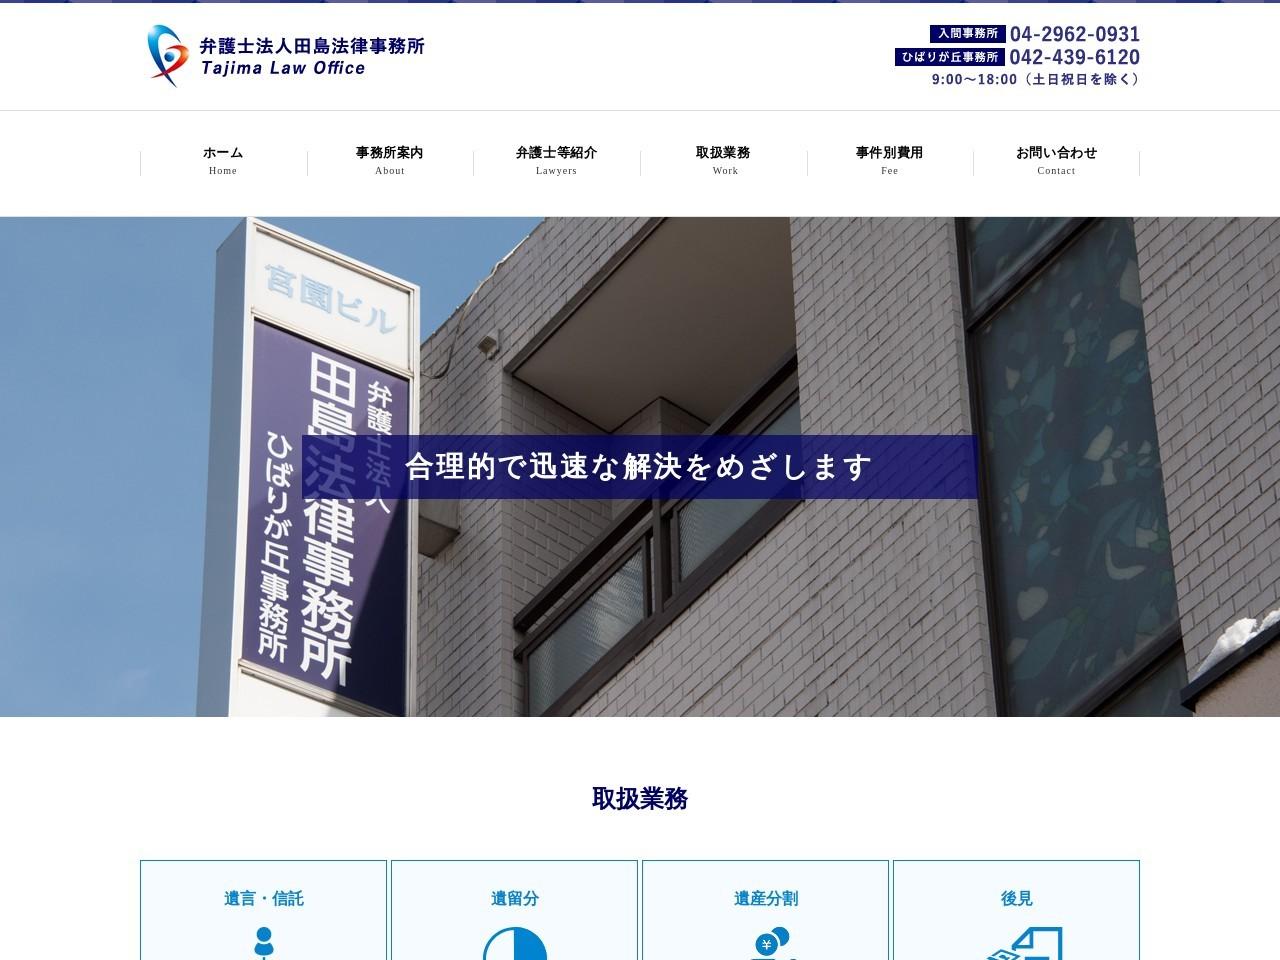 田島法律事務所(弁護士法人)